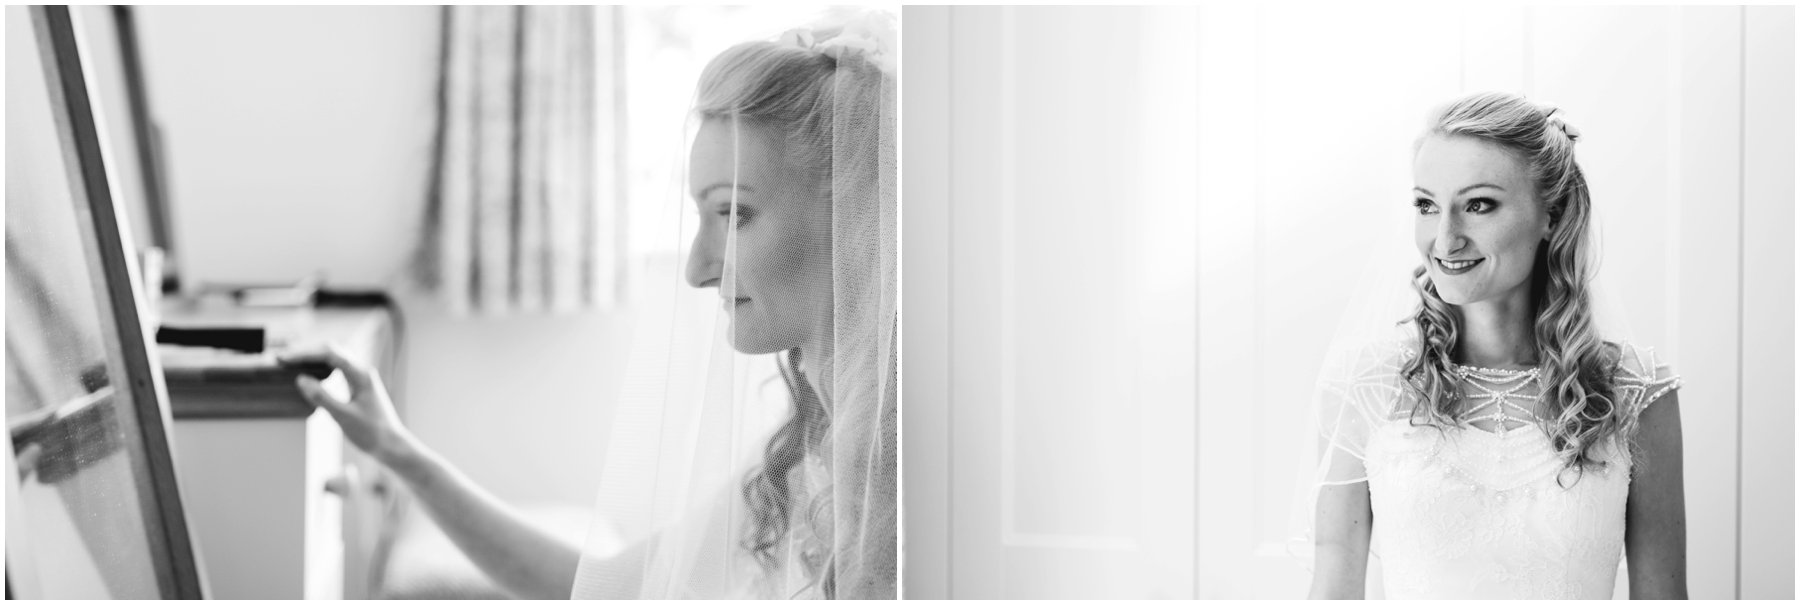 KIMBERLEY HALL WEDDING - LOUISE AND DAVID - NORWICH WEDDING PHOTOGRAPHER 6